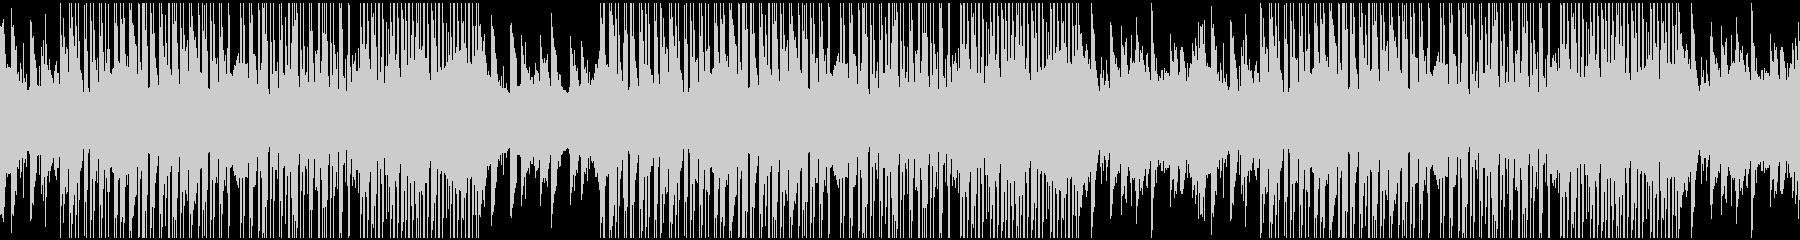 洋楽 淡々 ピアノ シンセサイザー...の未再生の波形